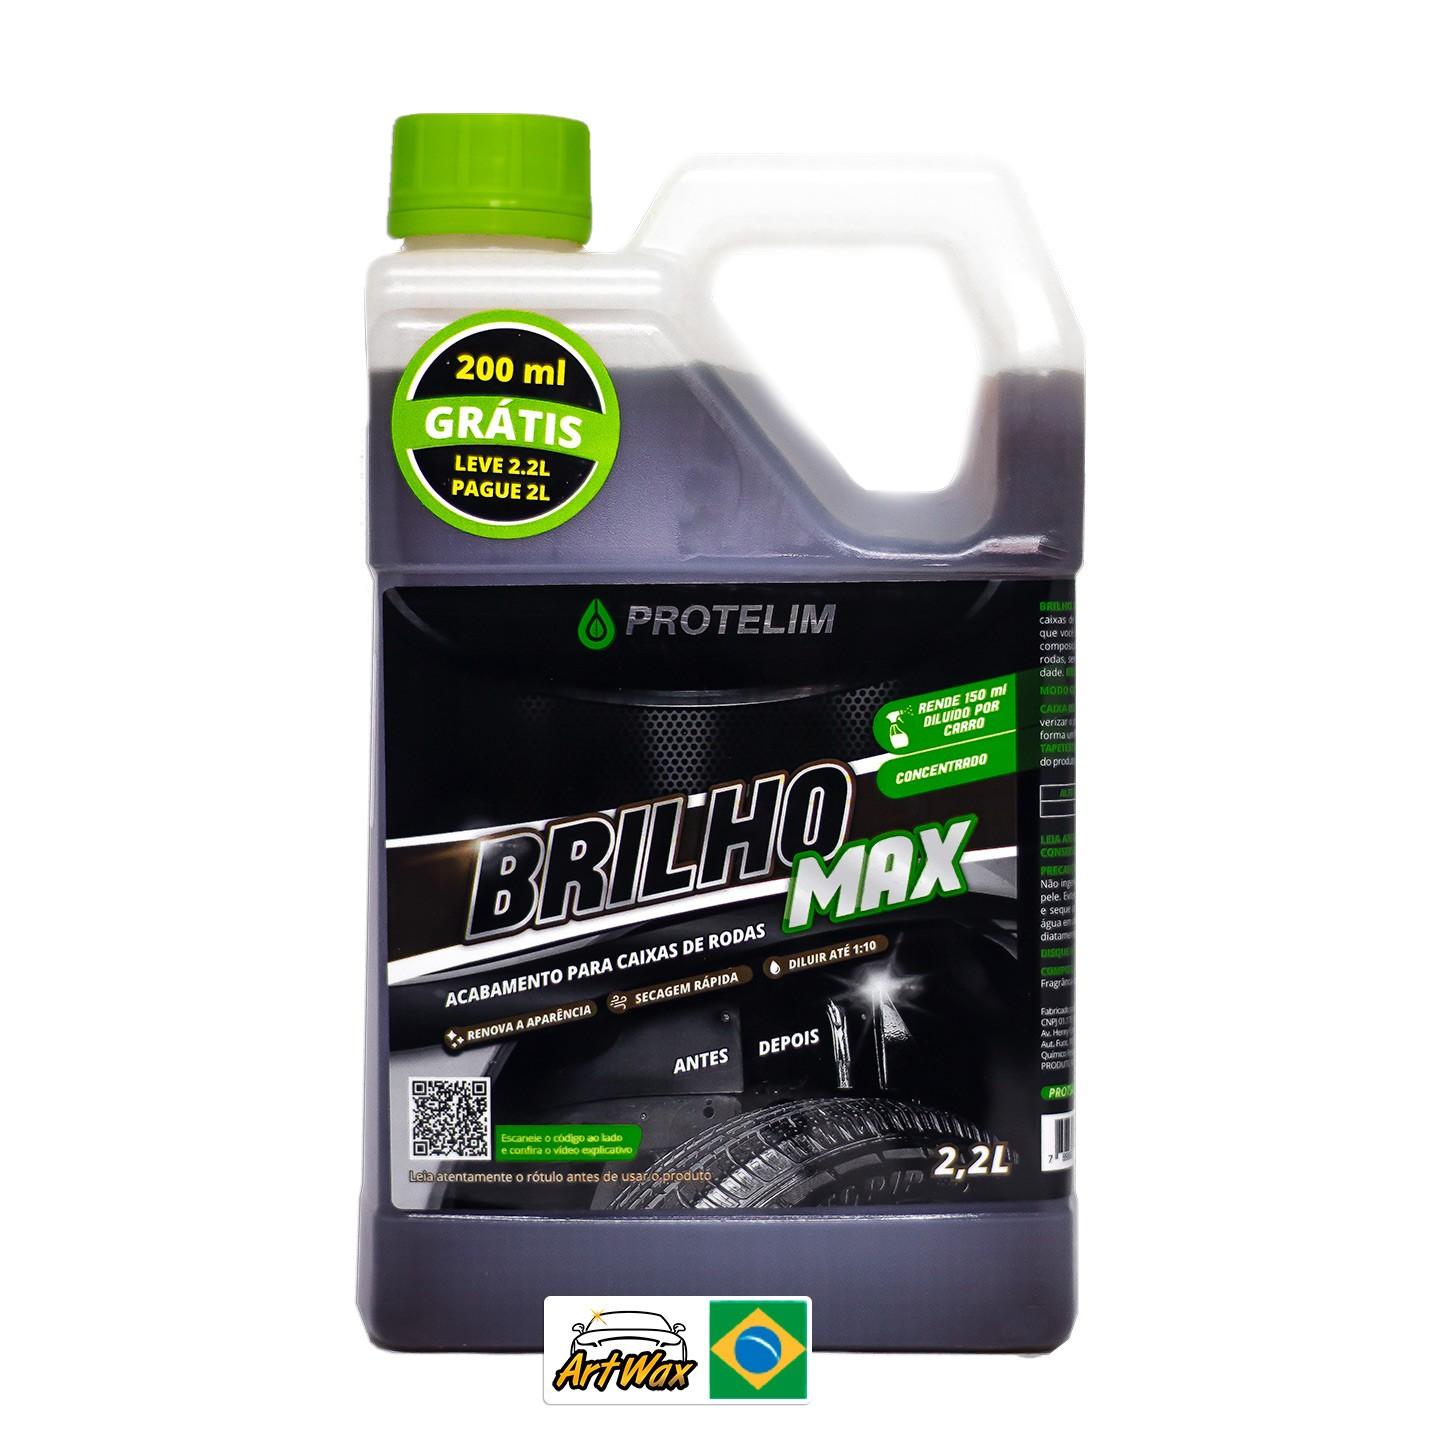 Protelim Brilho Max 2,2L - Acabamento Para Caixa de Rodas Concentrado